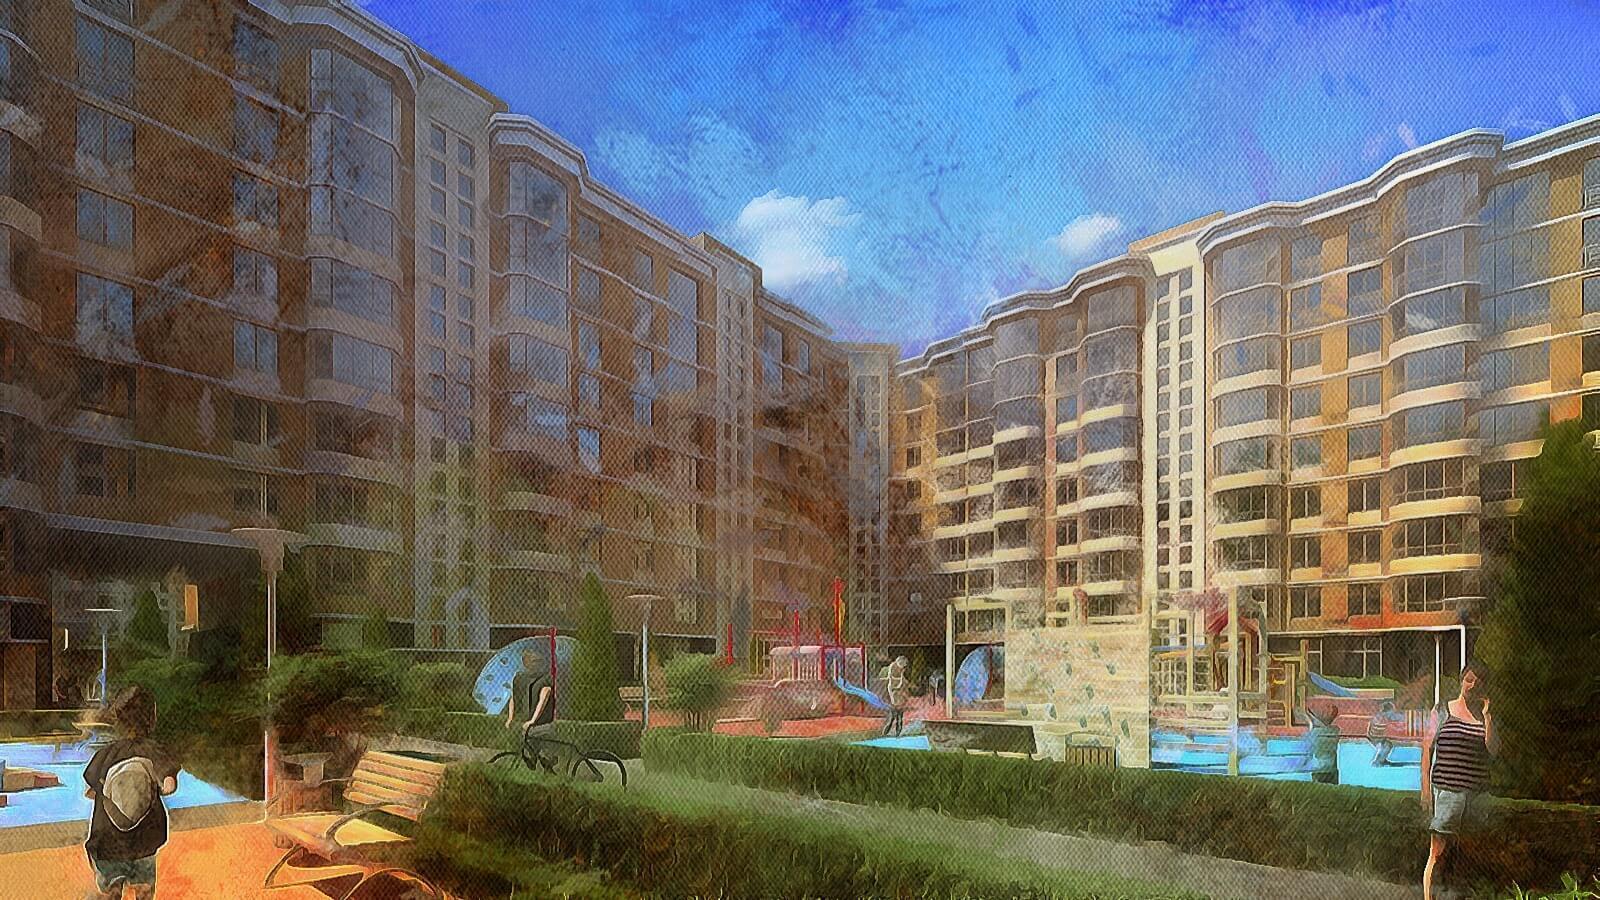 Квартиры в ЖК Некрасовка, условия покупки, ипотека